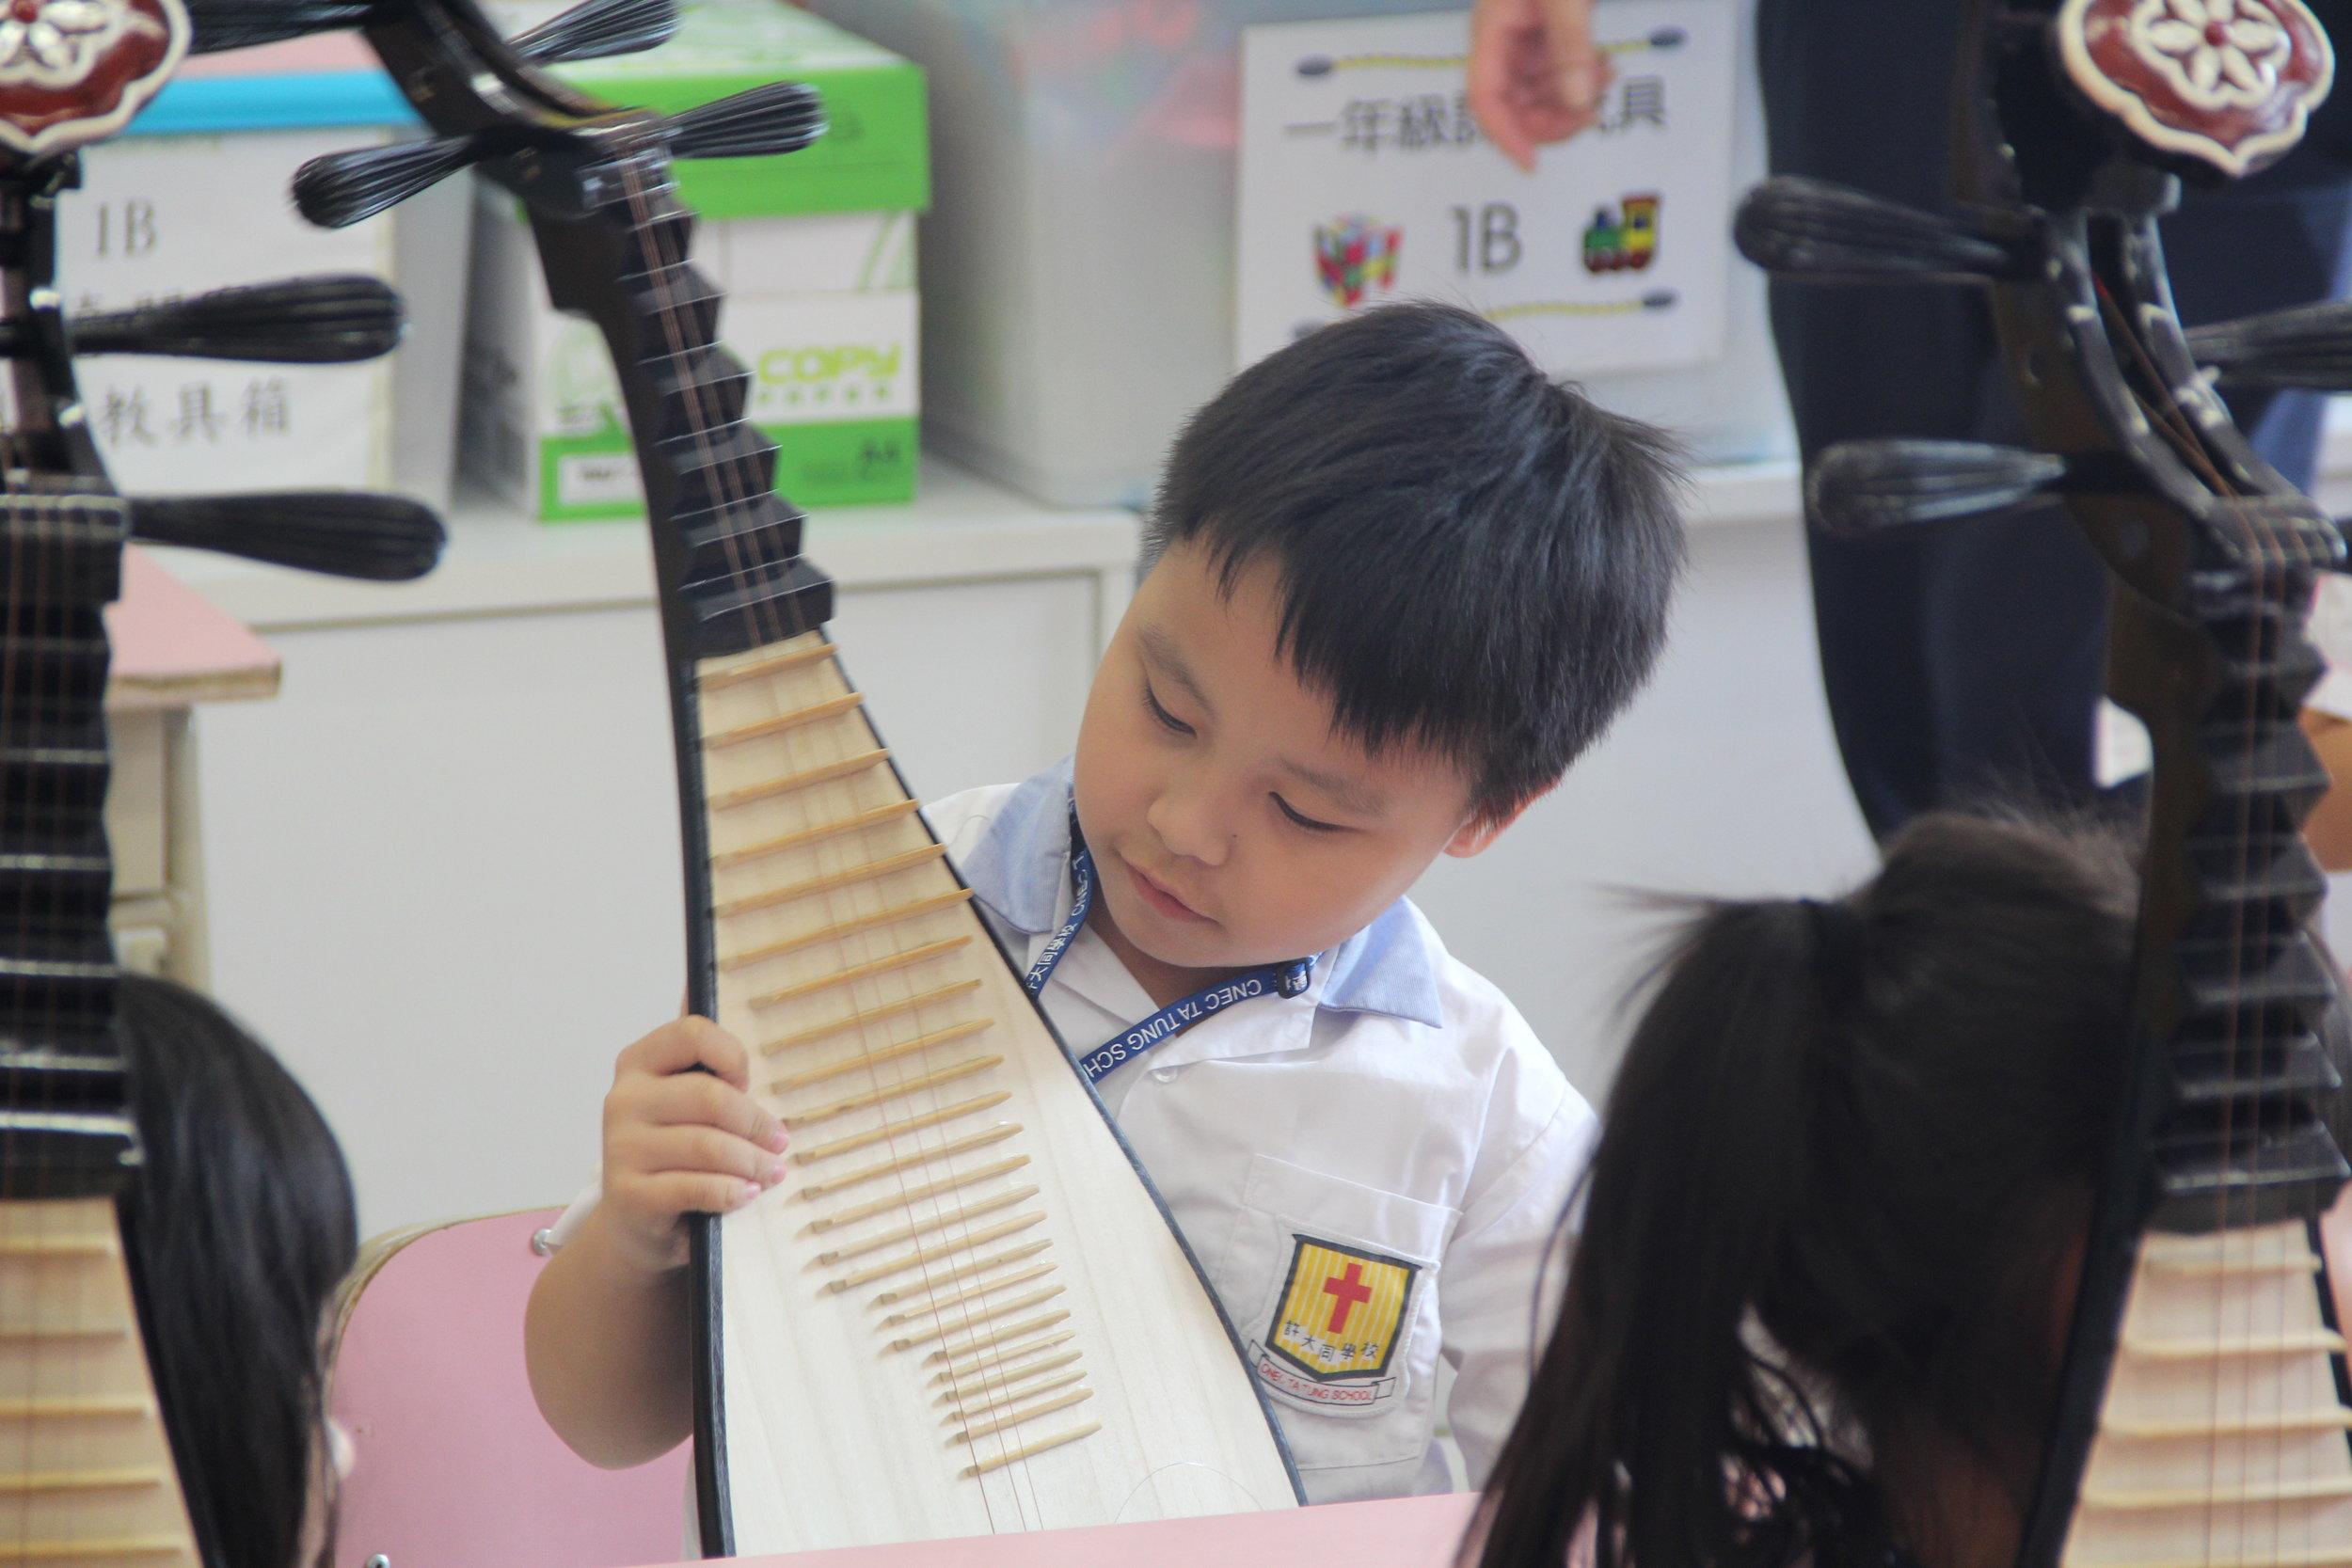 同學享受學習彈琵琶的機會!